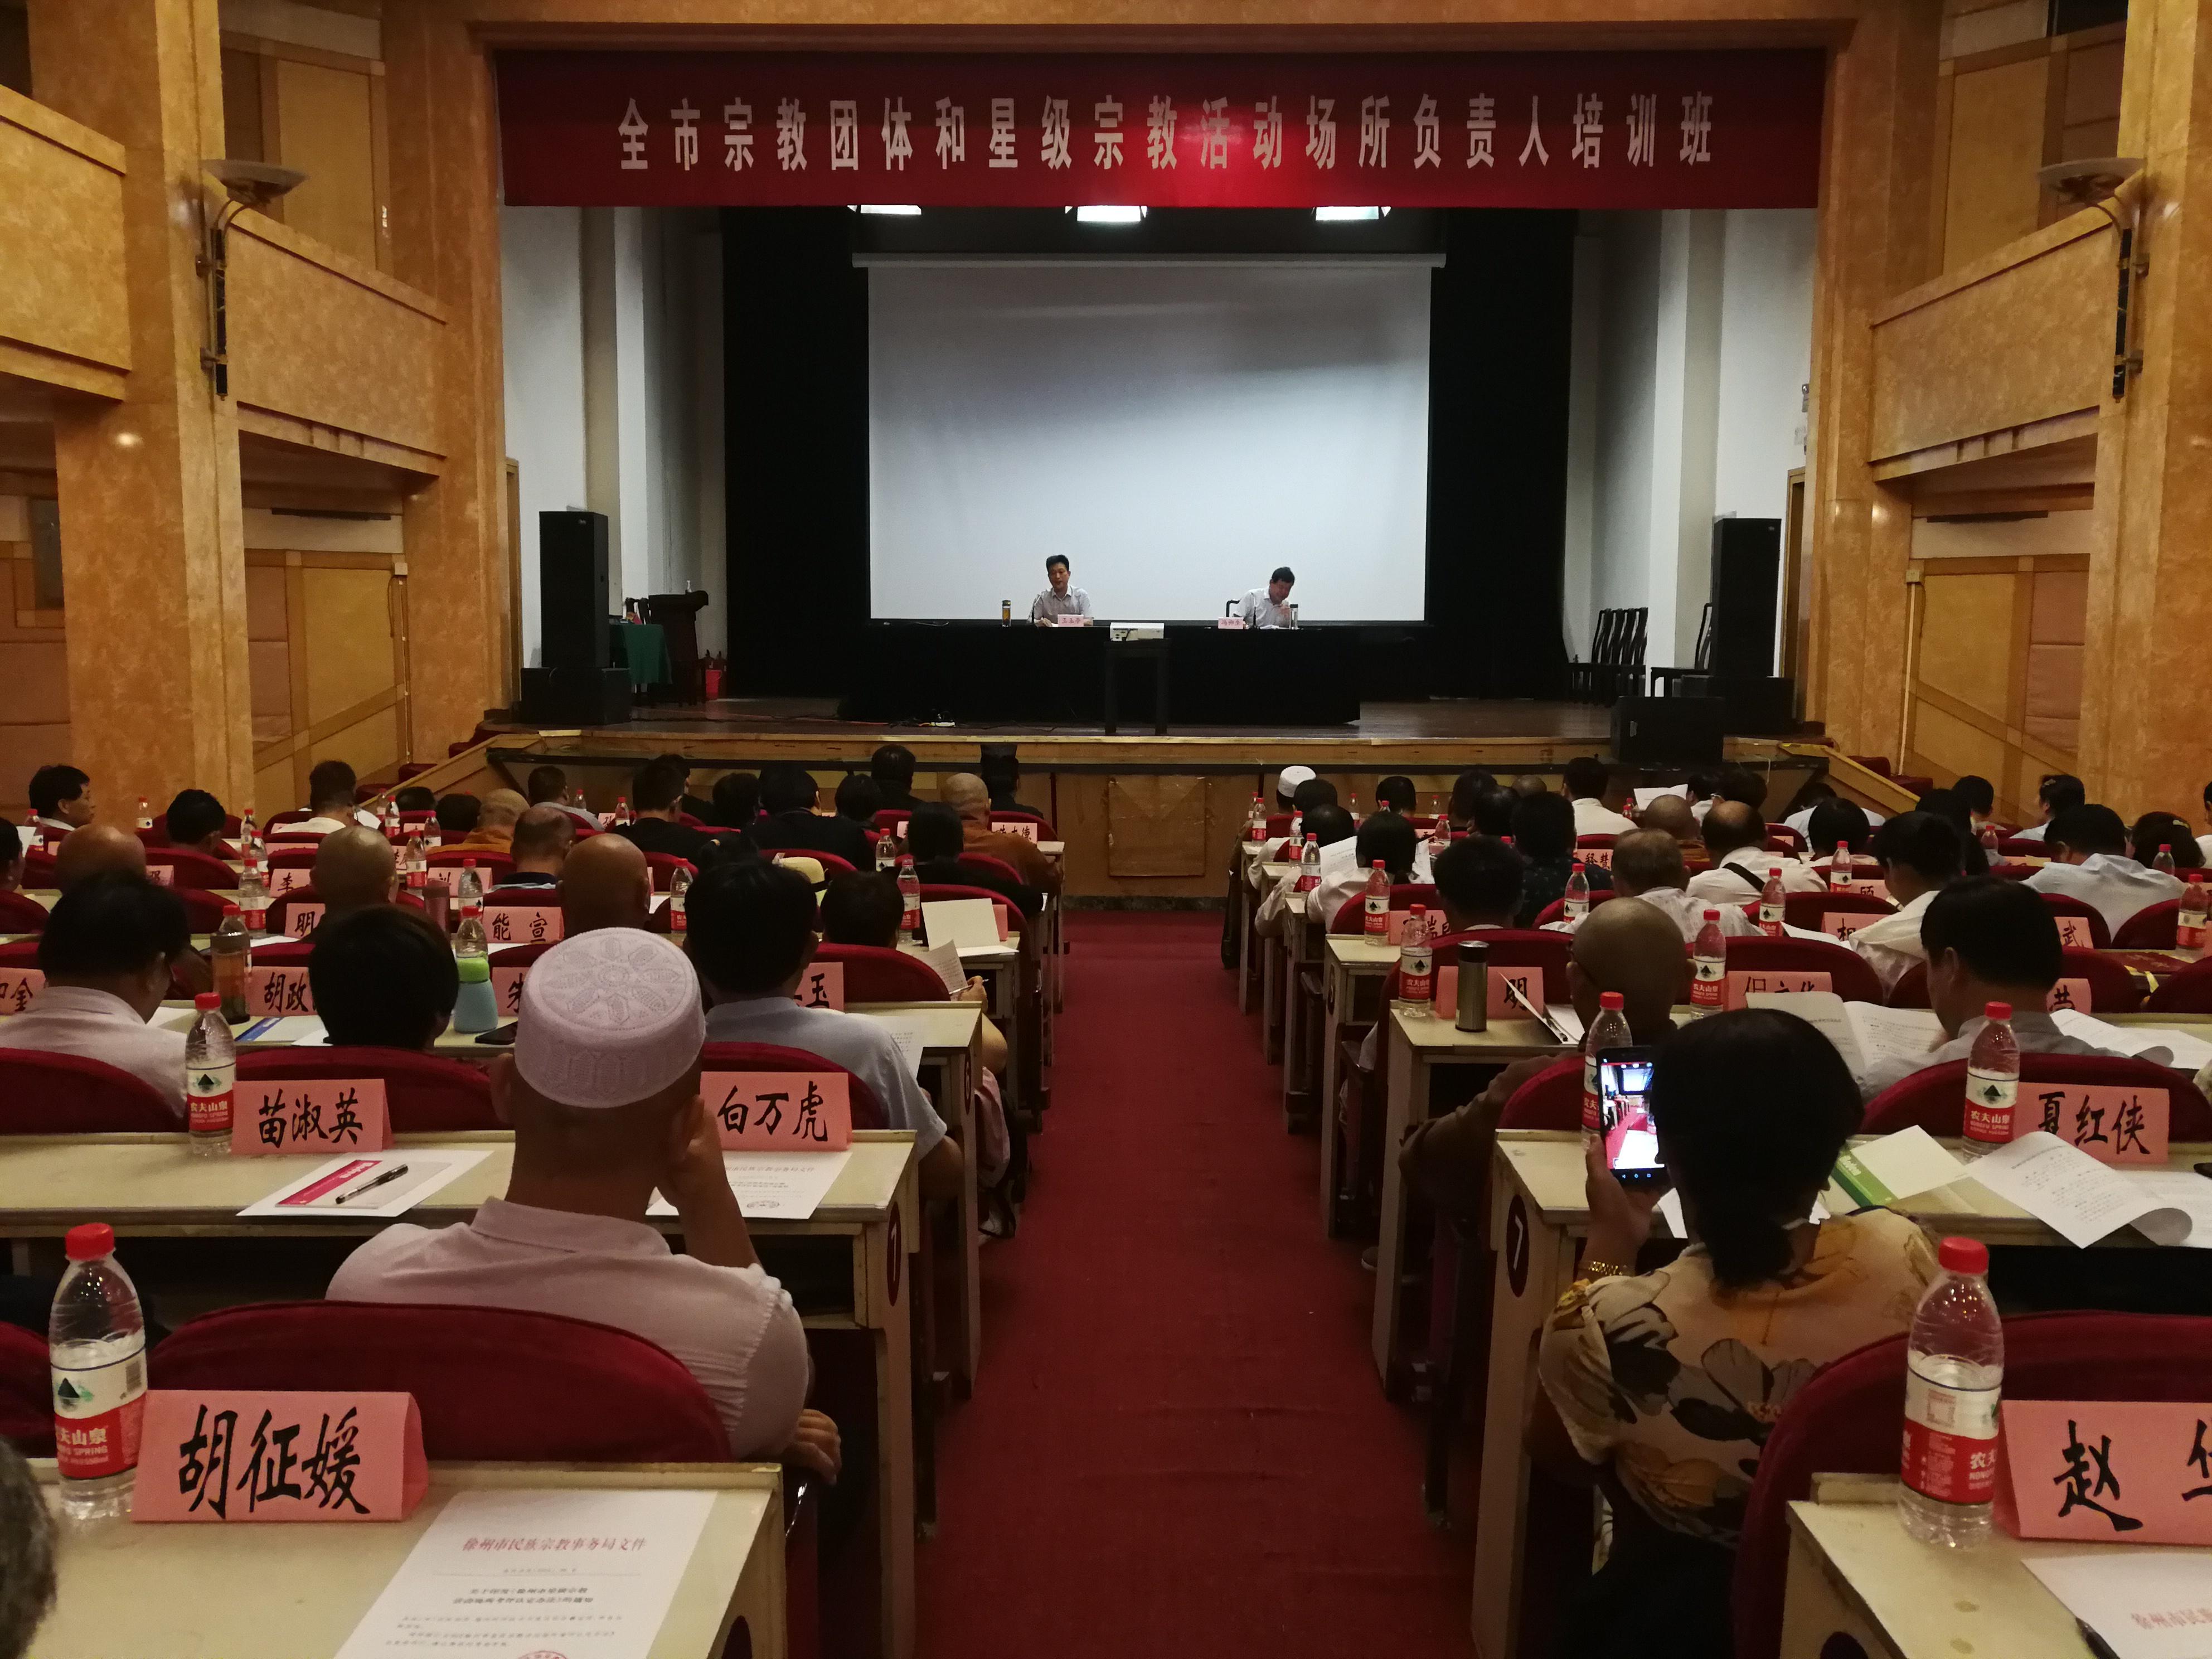 江苏省徐州天主教参加全市宗教团体和星级宗教活动场所负责人培训班(图)